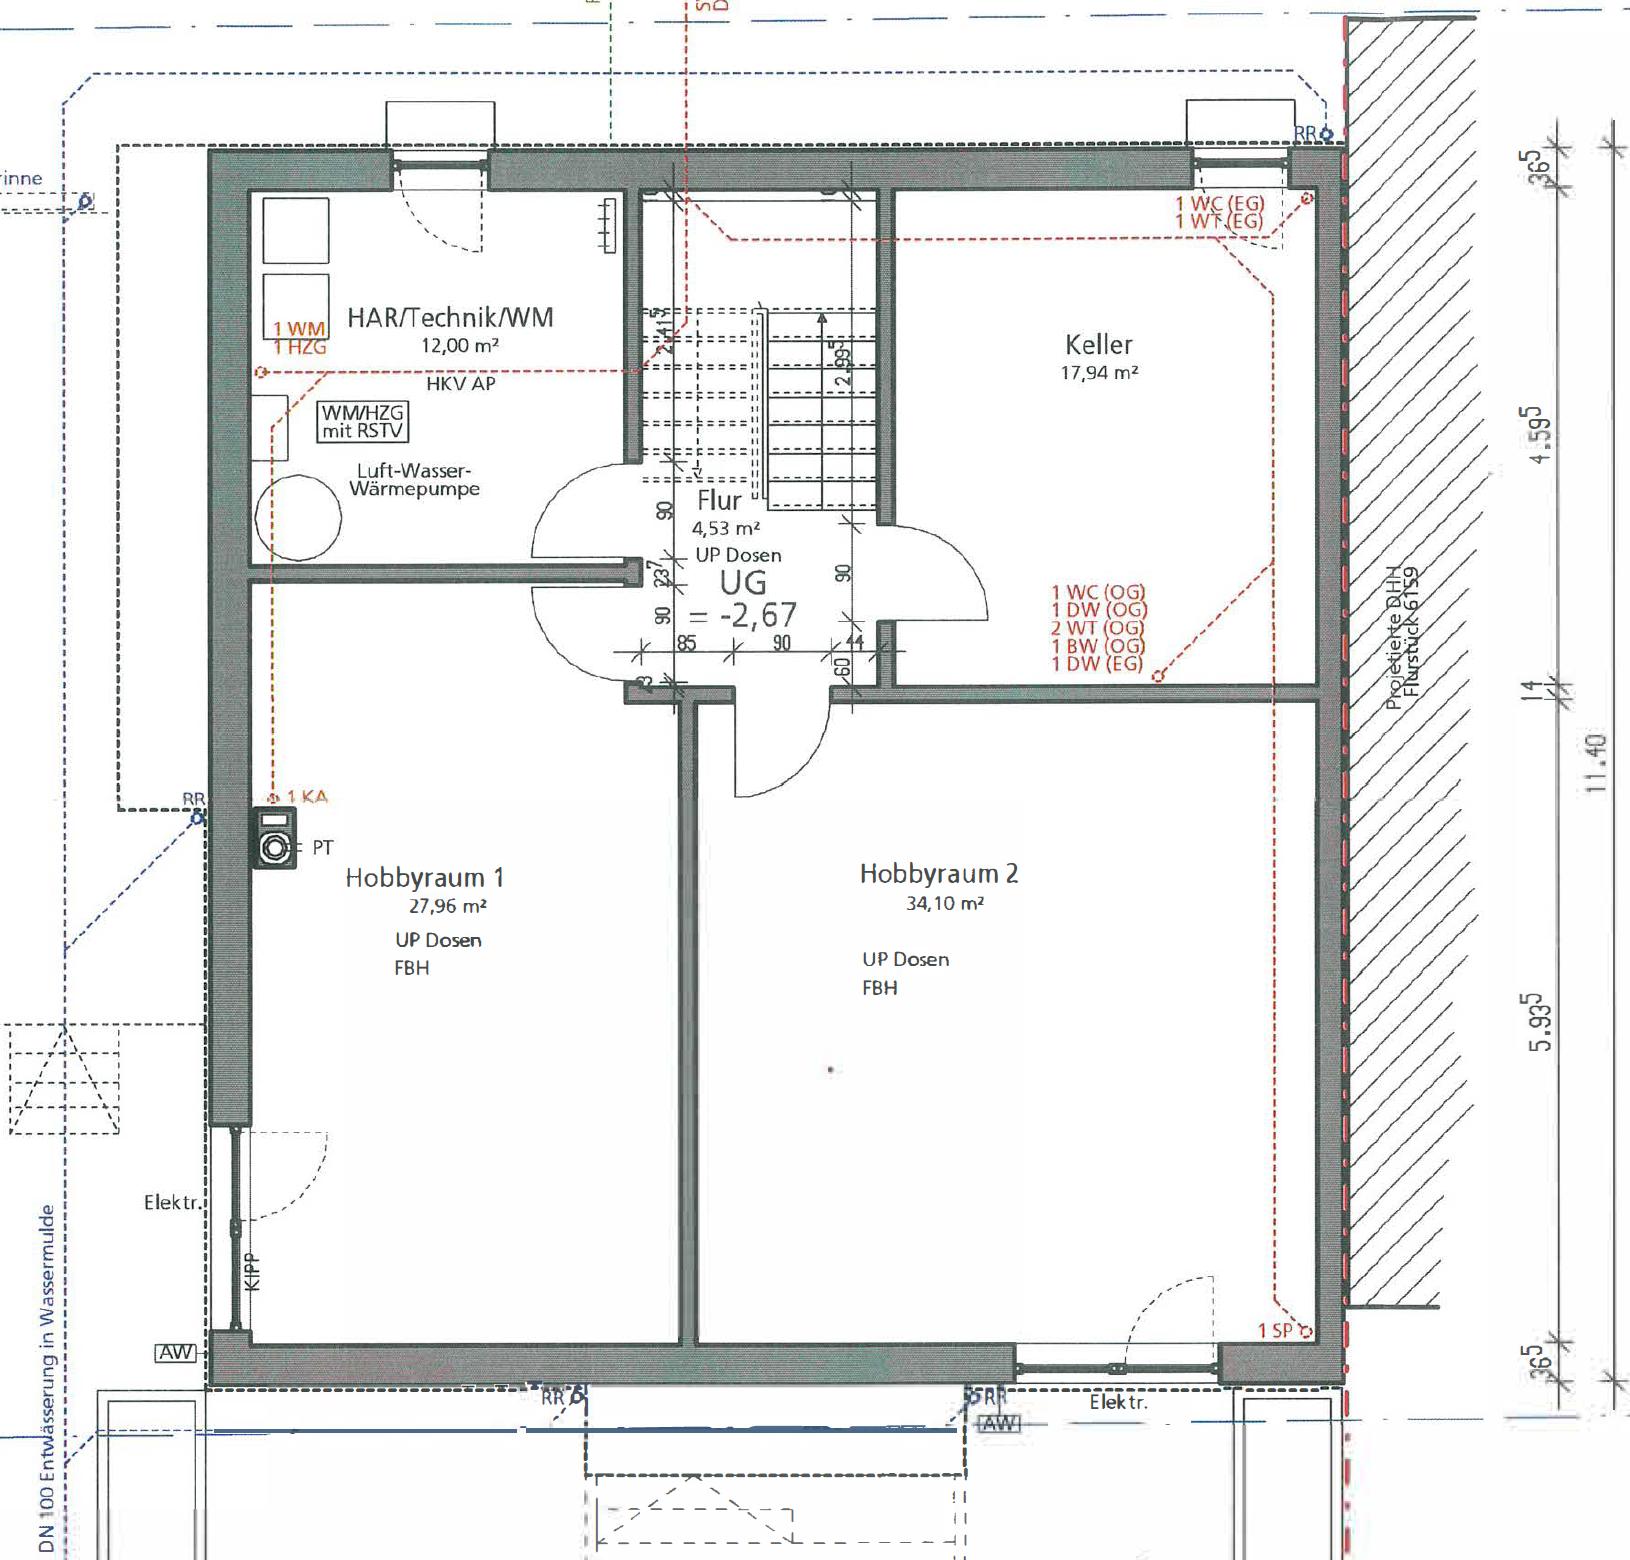 Haus U120 - Eine Nahaufnahme von einer Karte - Gebäudeplan